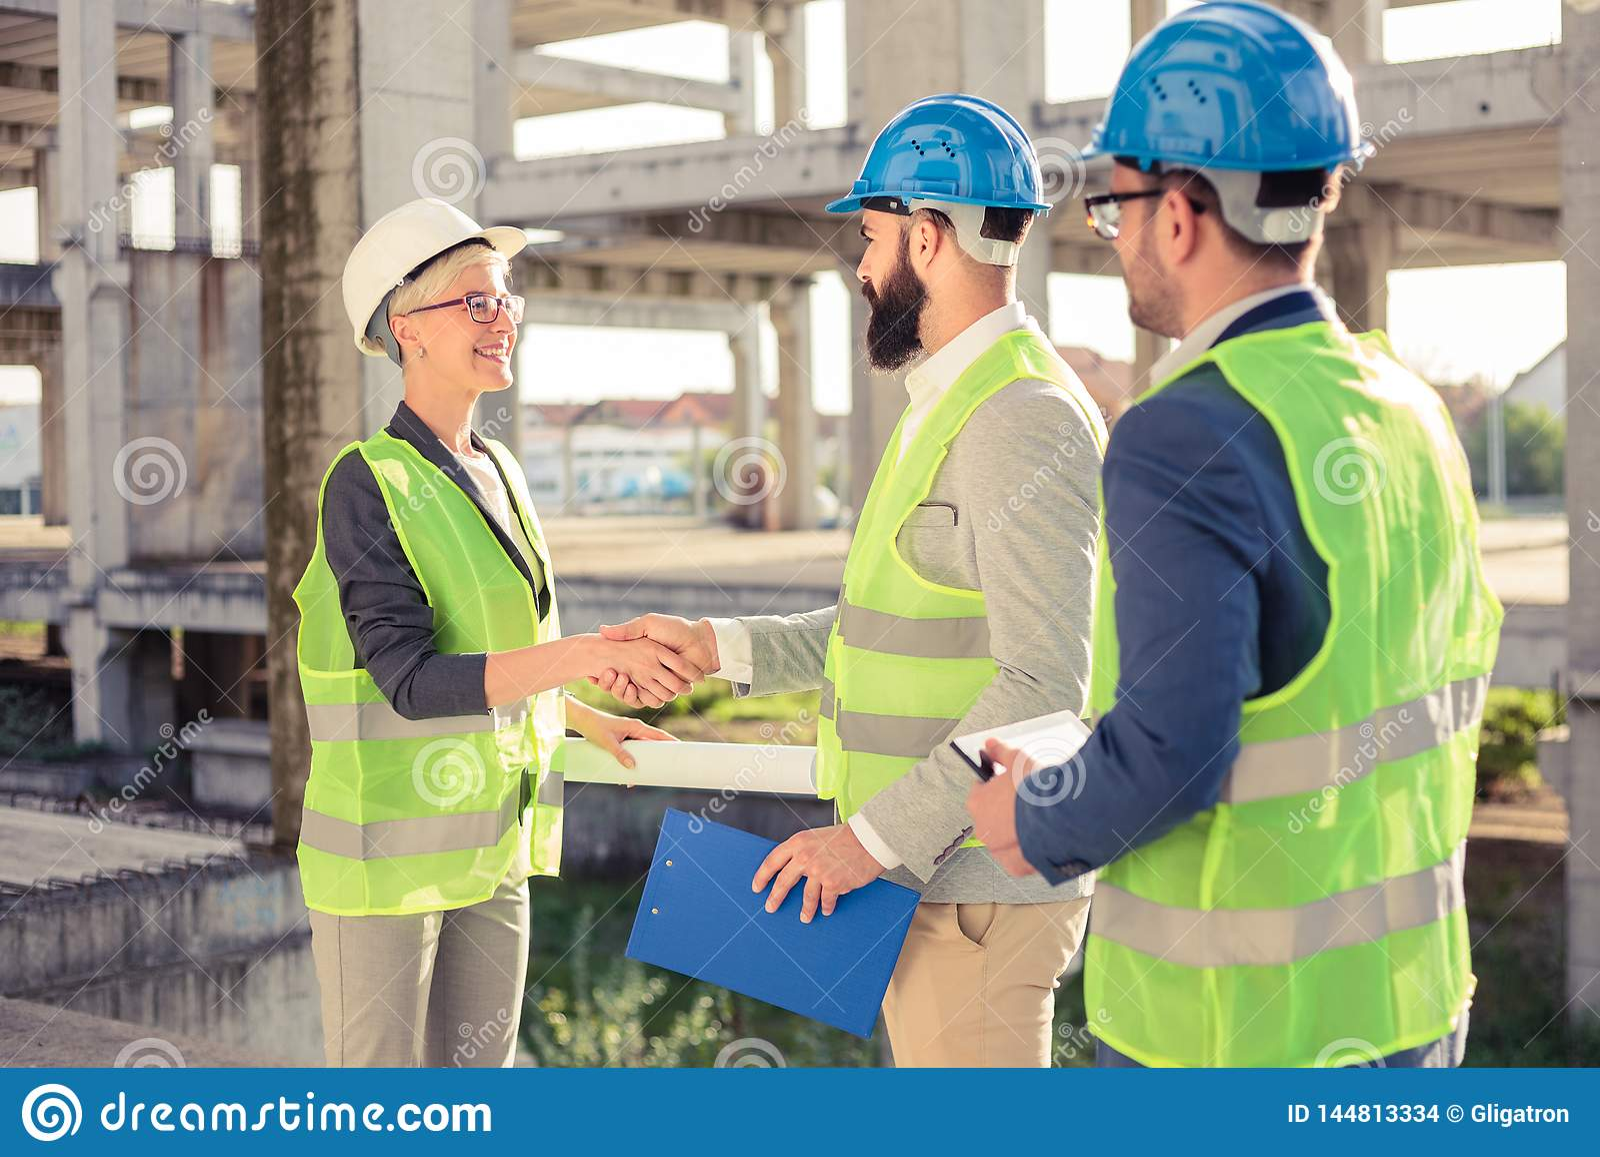 Groupe d architectes ou d associés se serrant la main sur un chantier de construction